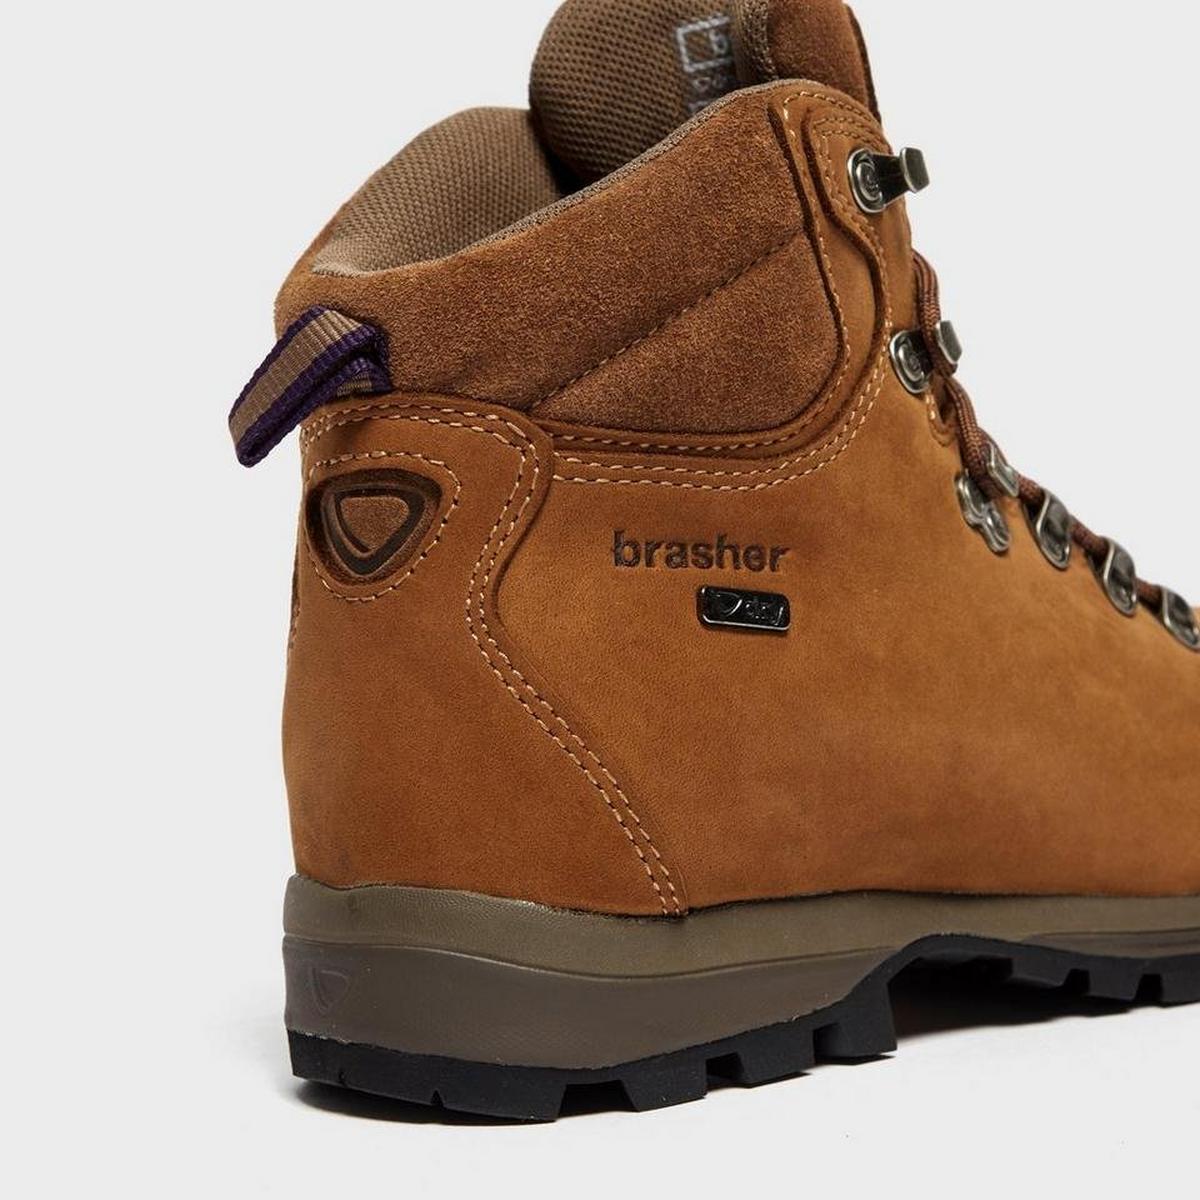 Brasher Women's Country Walker Walking Boot